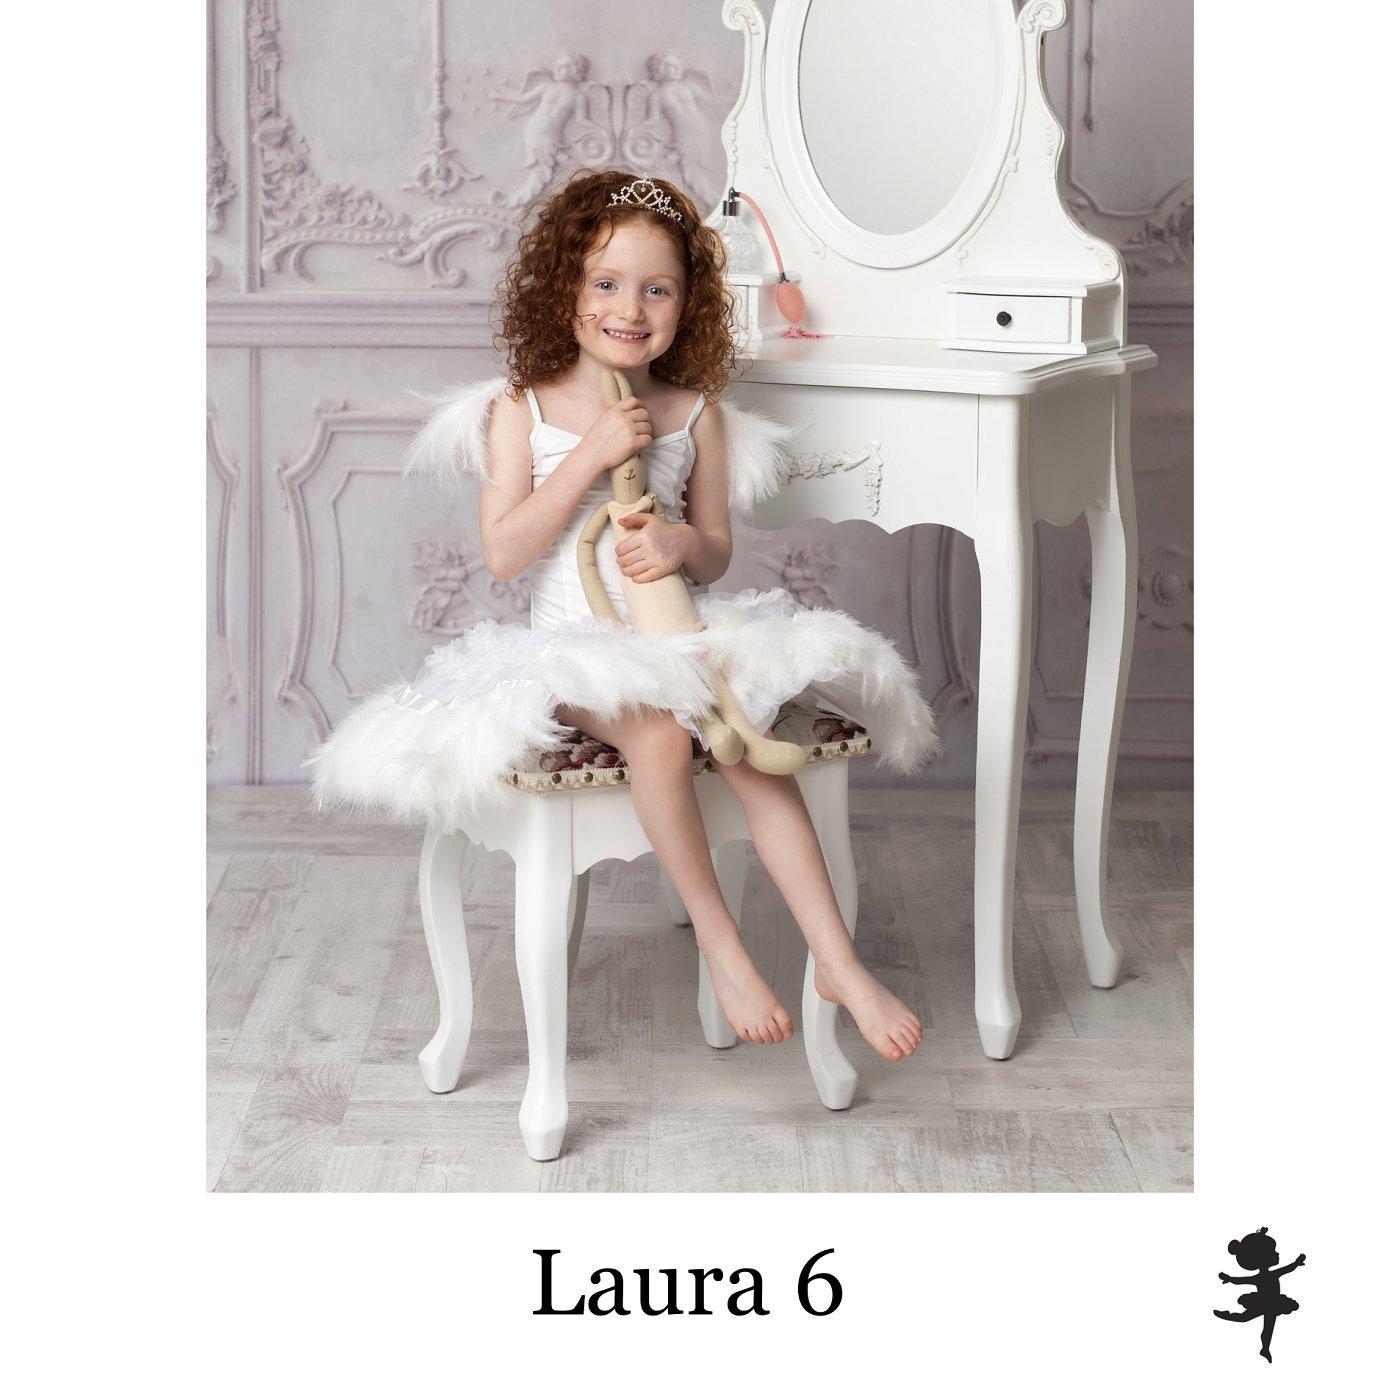 LB5219- Laura 6.jpg